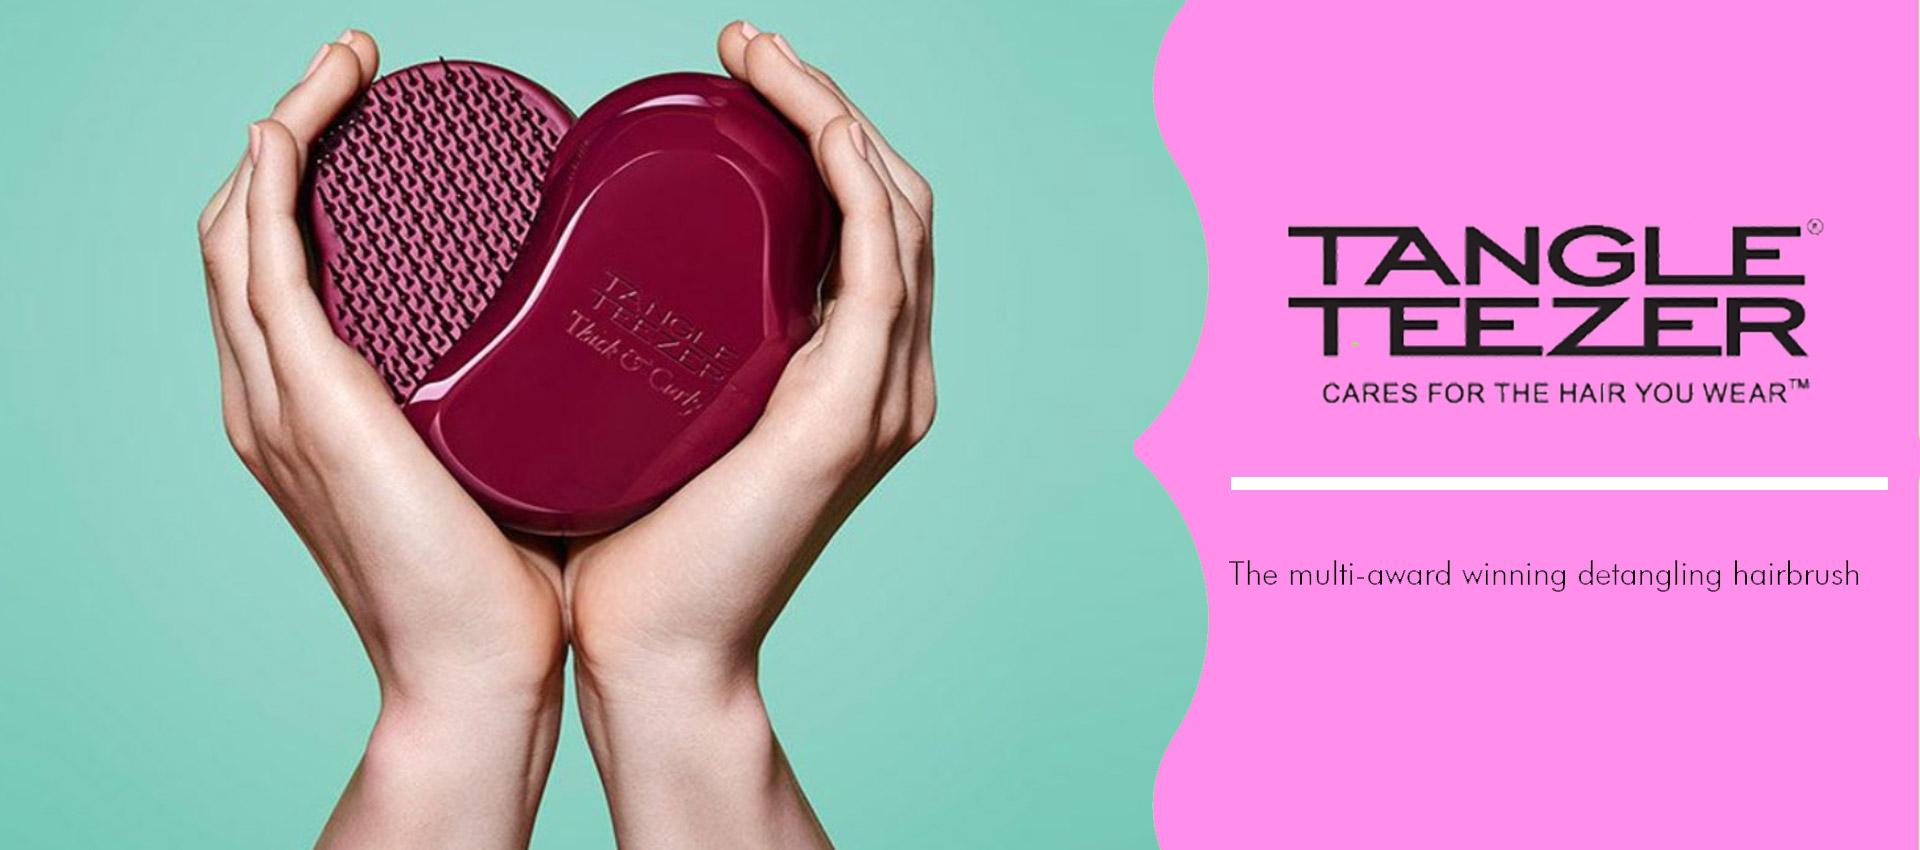 tangle-teaser-banner.jpg